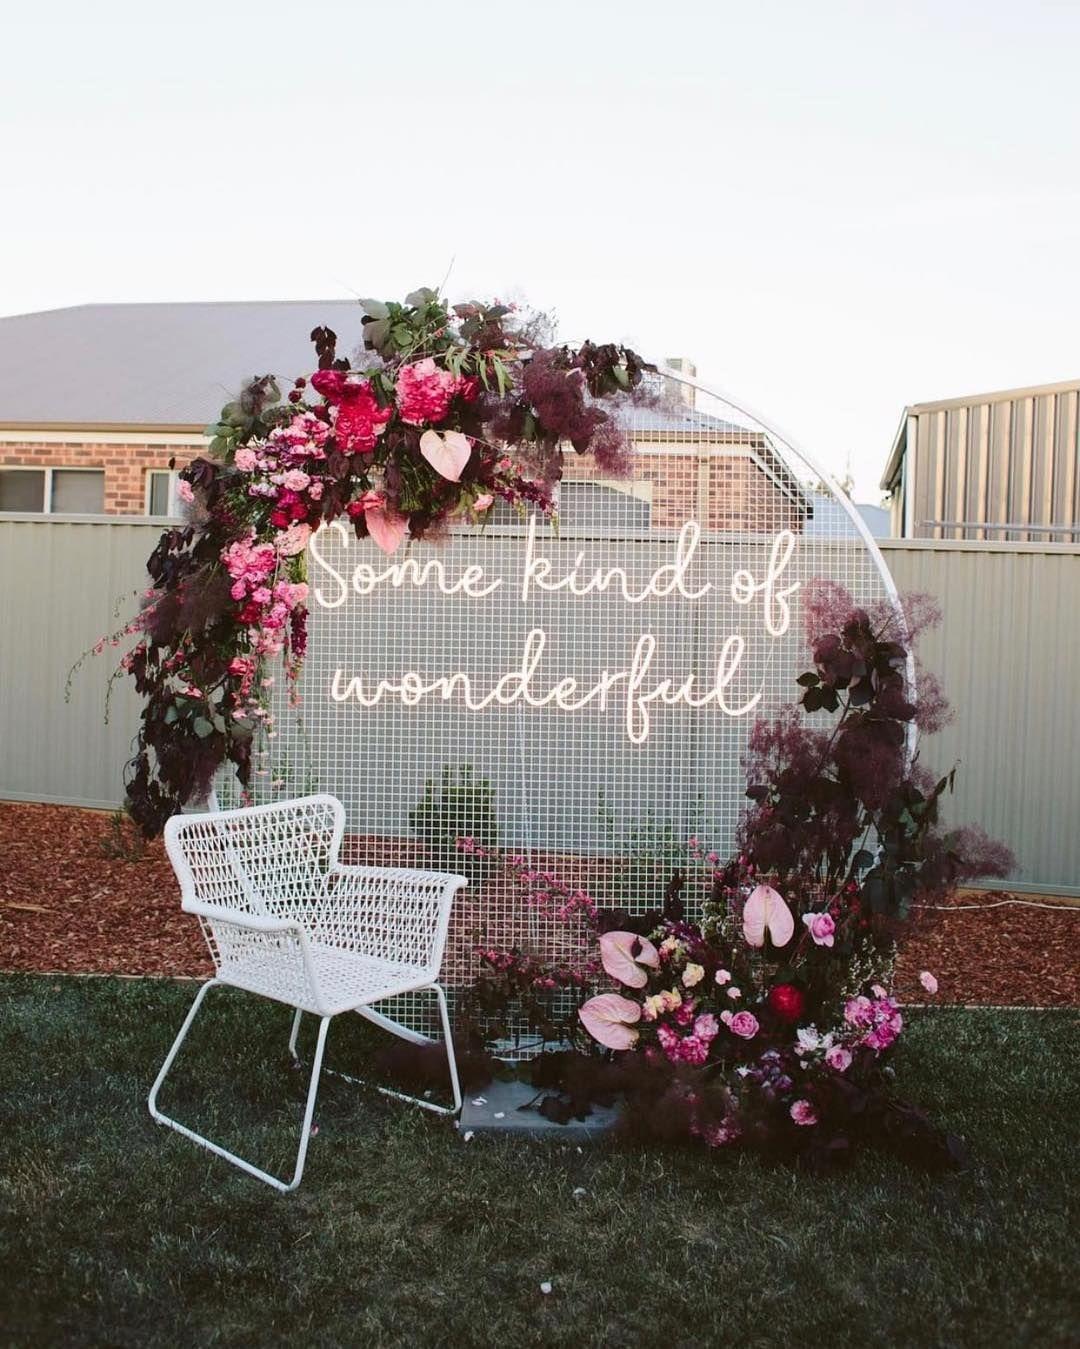 Bentley + bobbi Wedding neon sign, Neon wedding, Wedding